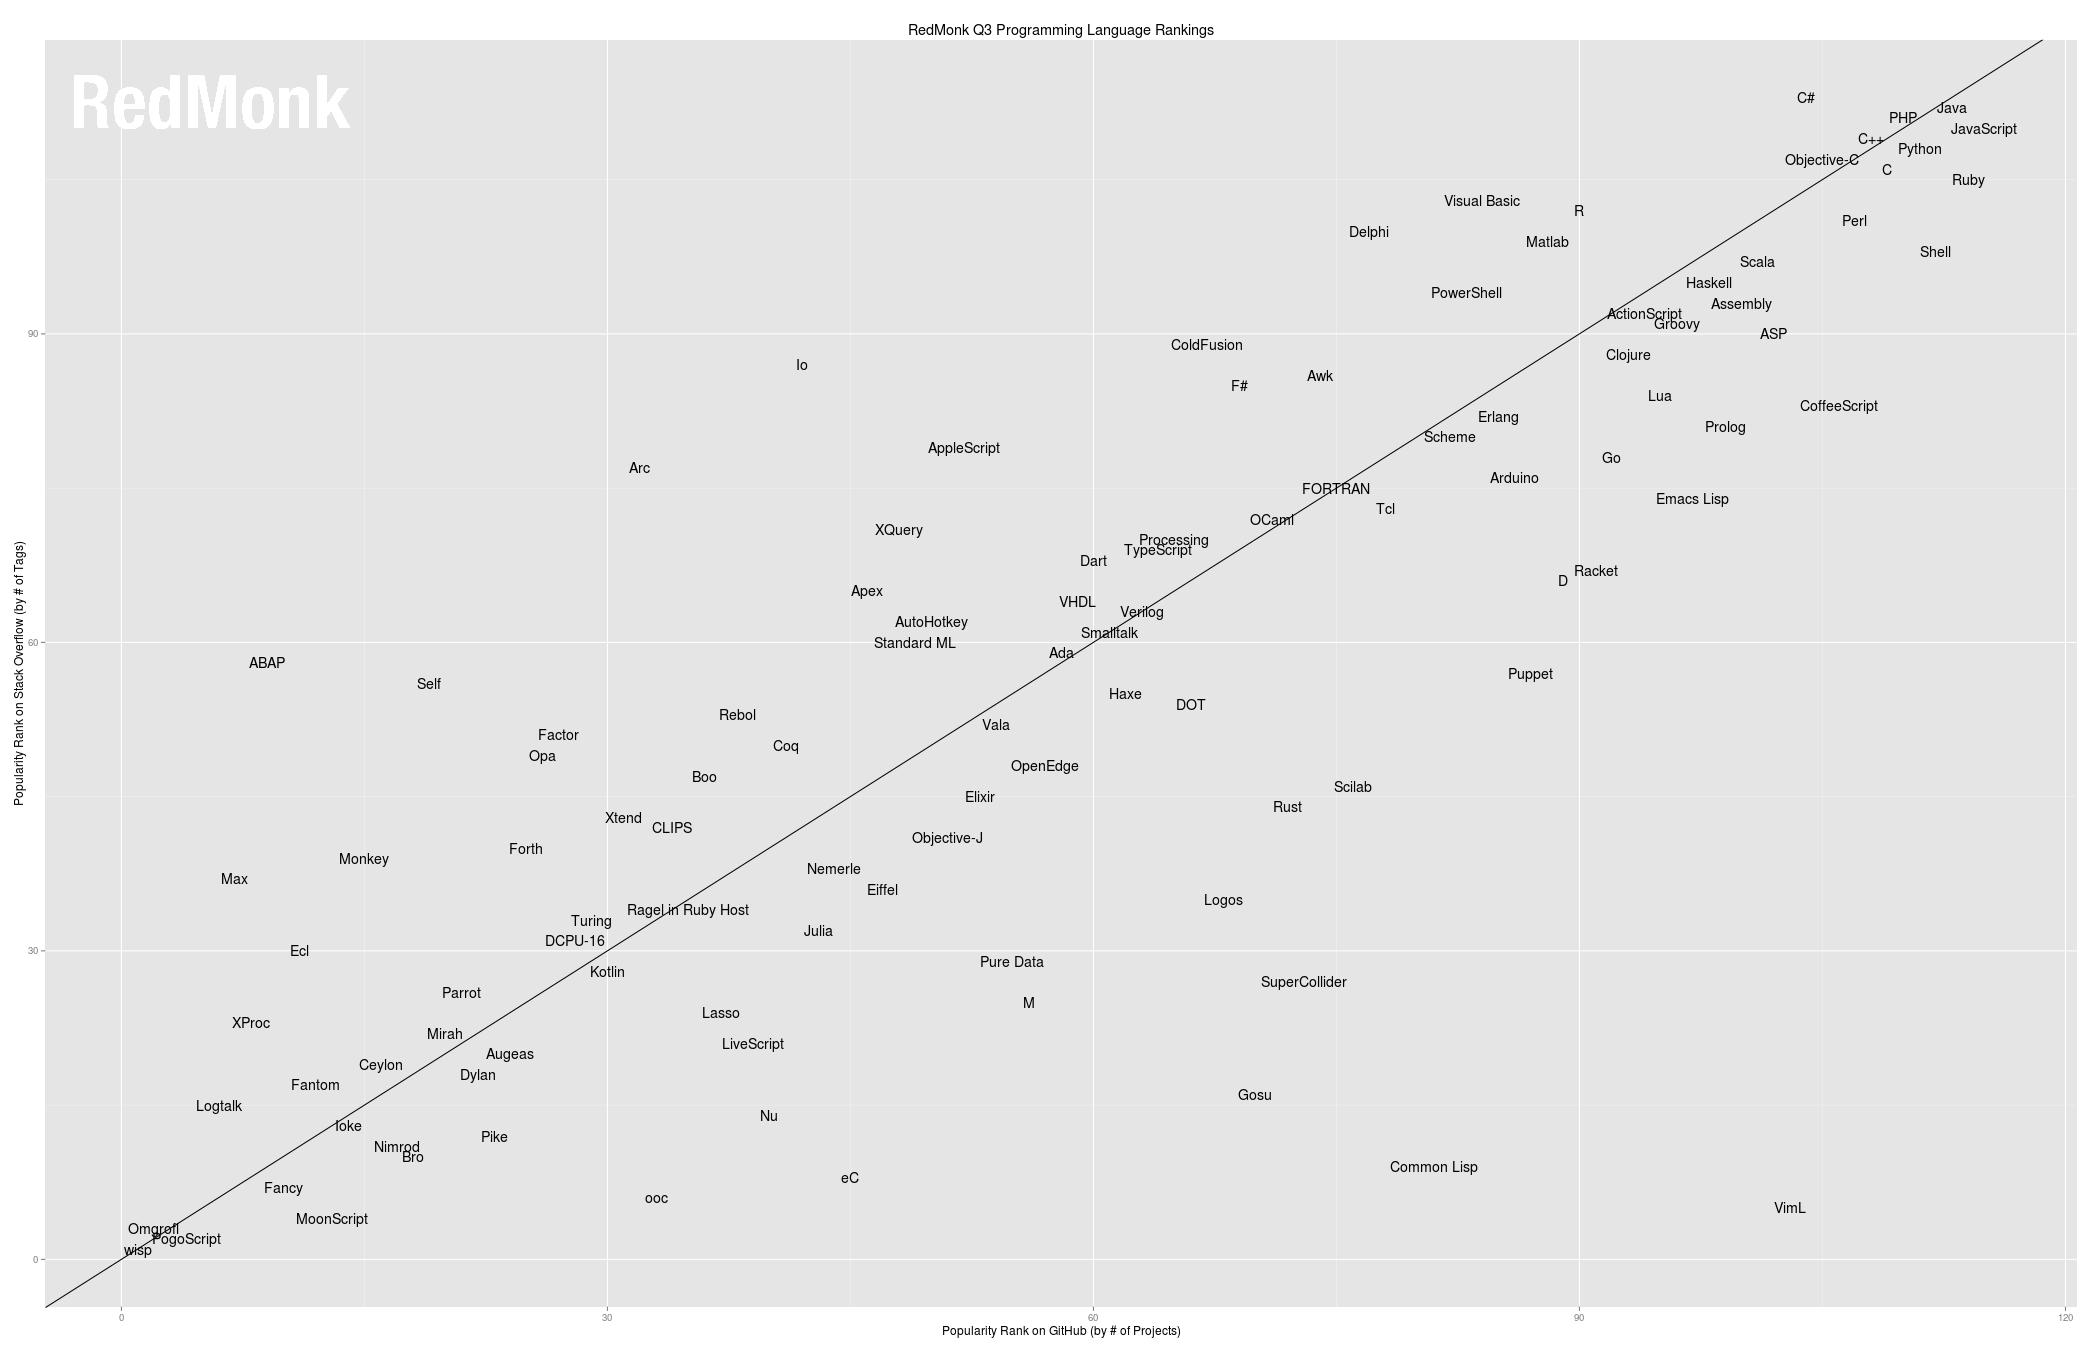 Programming Lang Rankings June